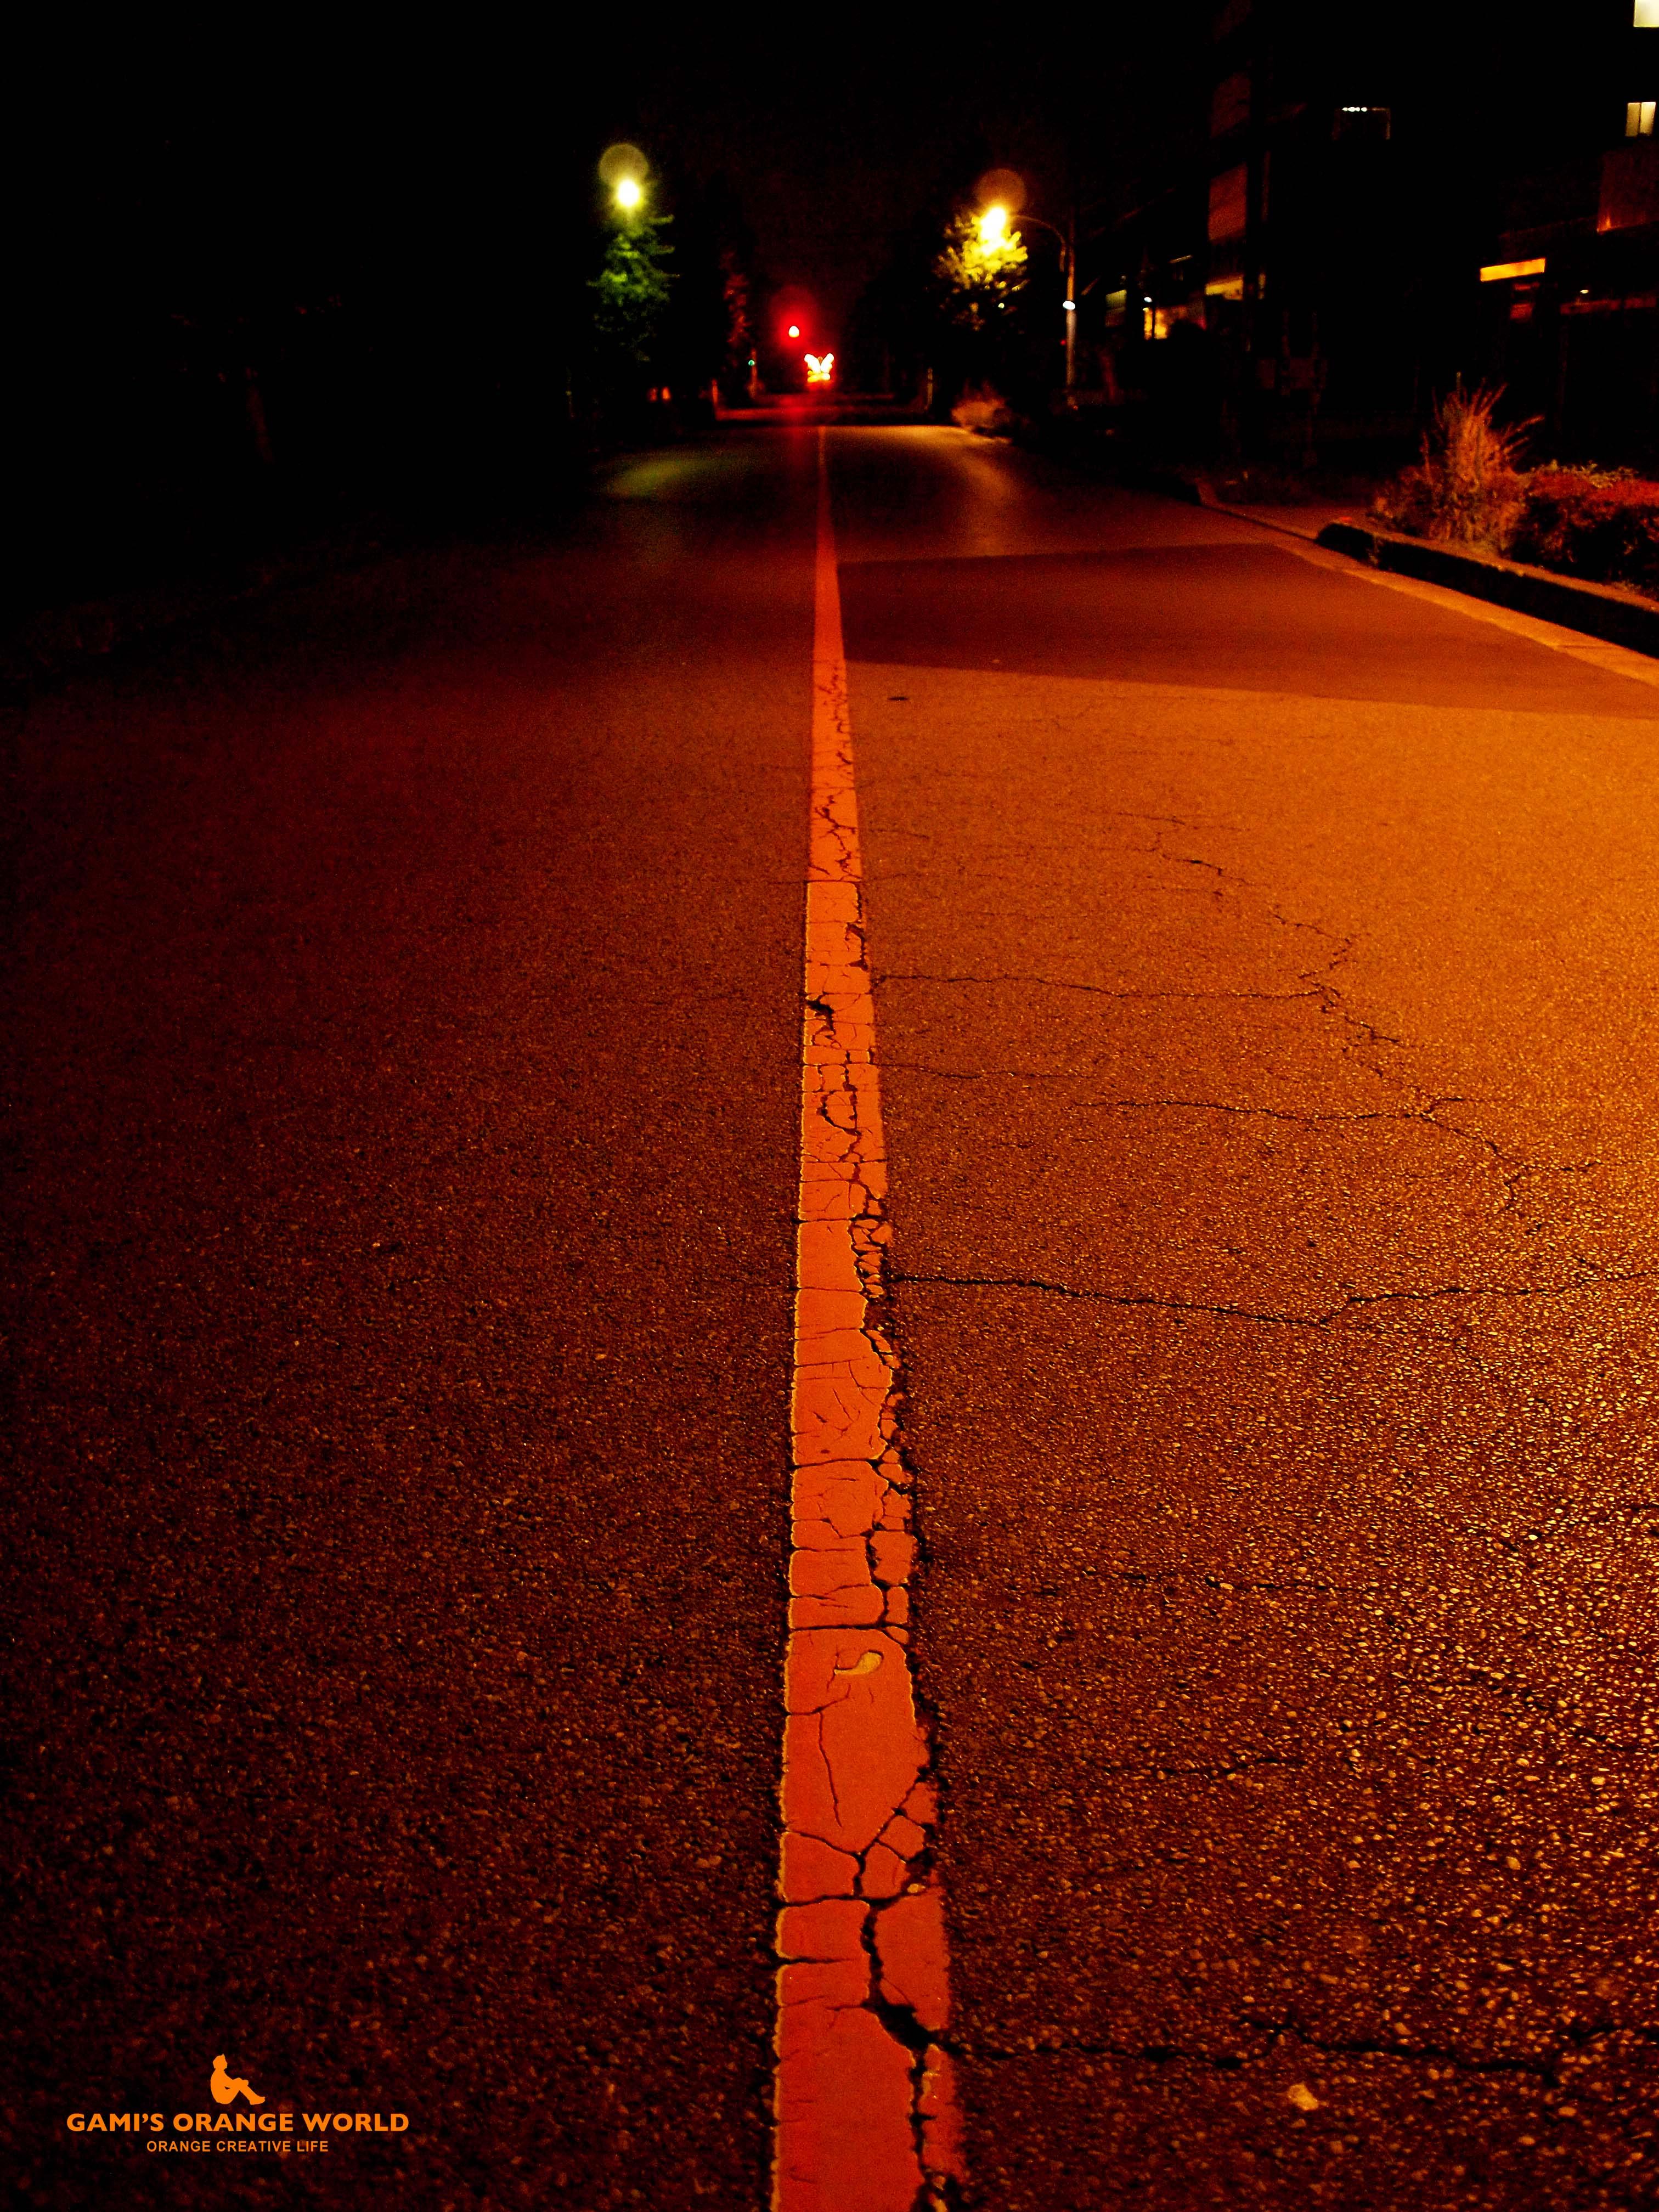 0352夜のオレンジの車線 のコピー